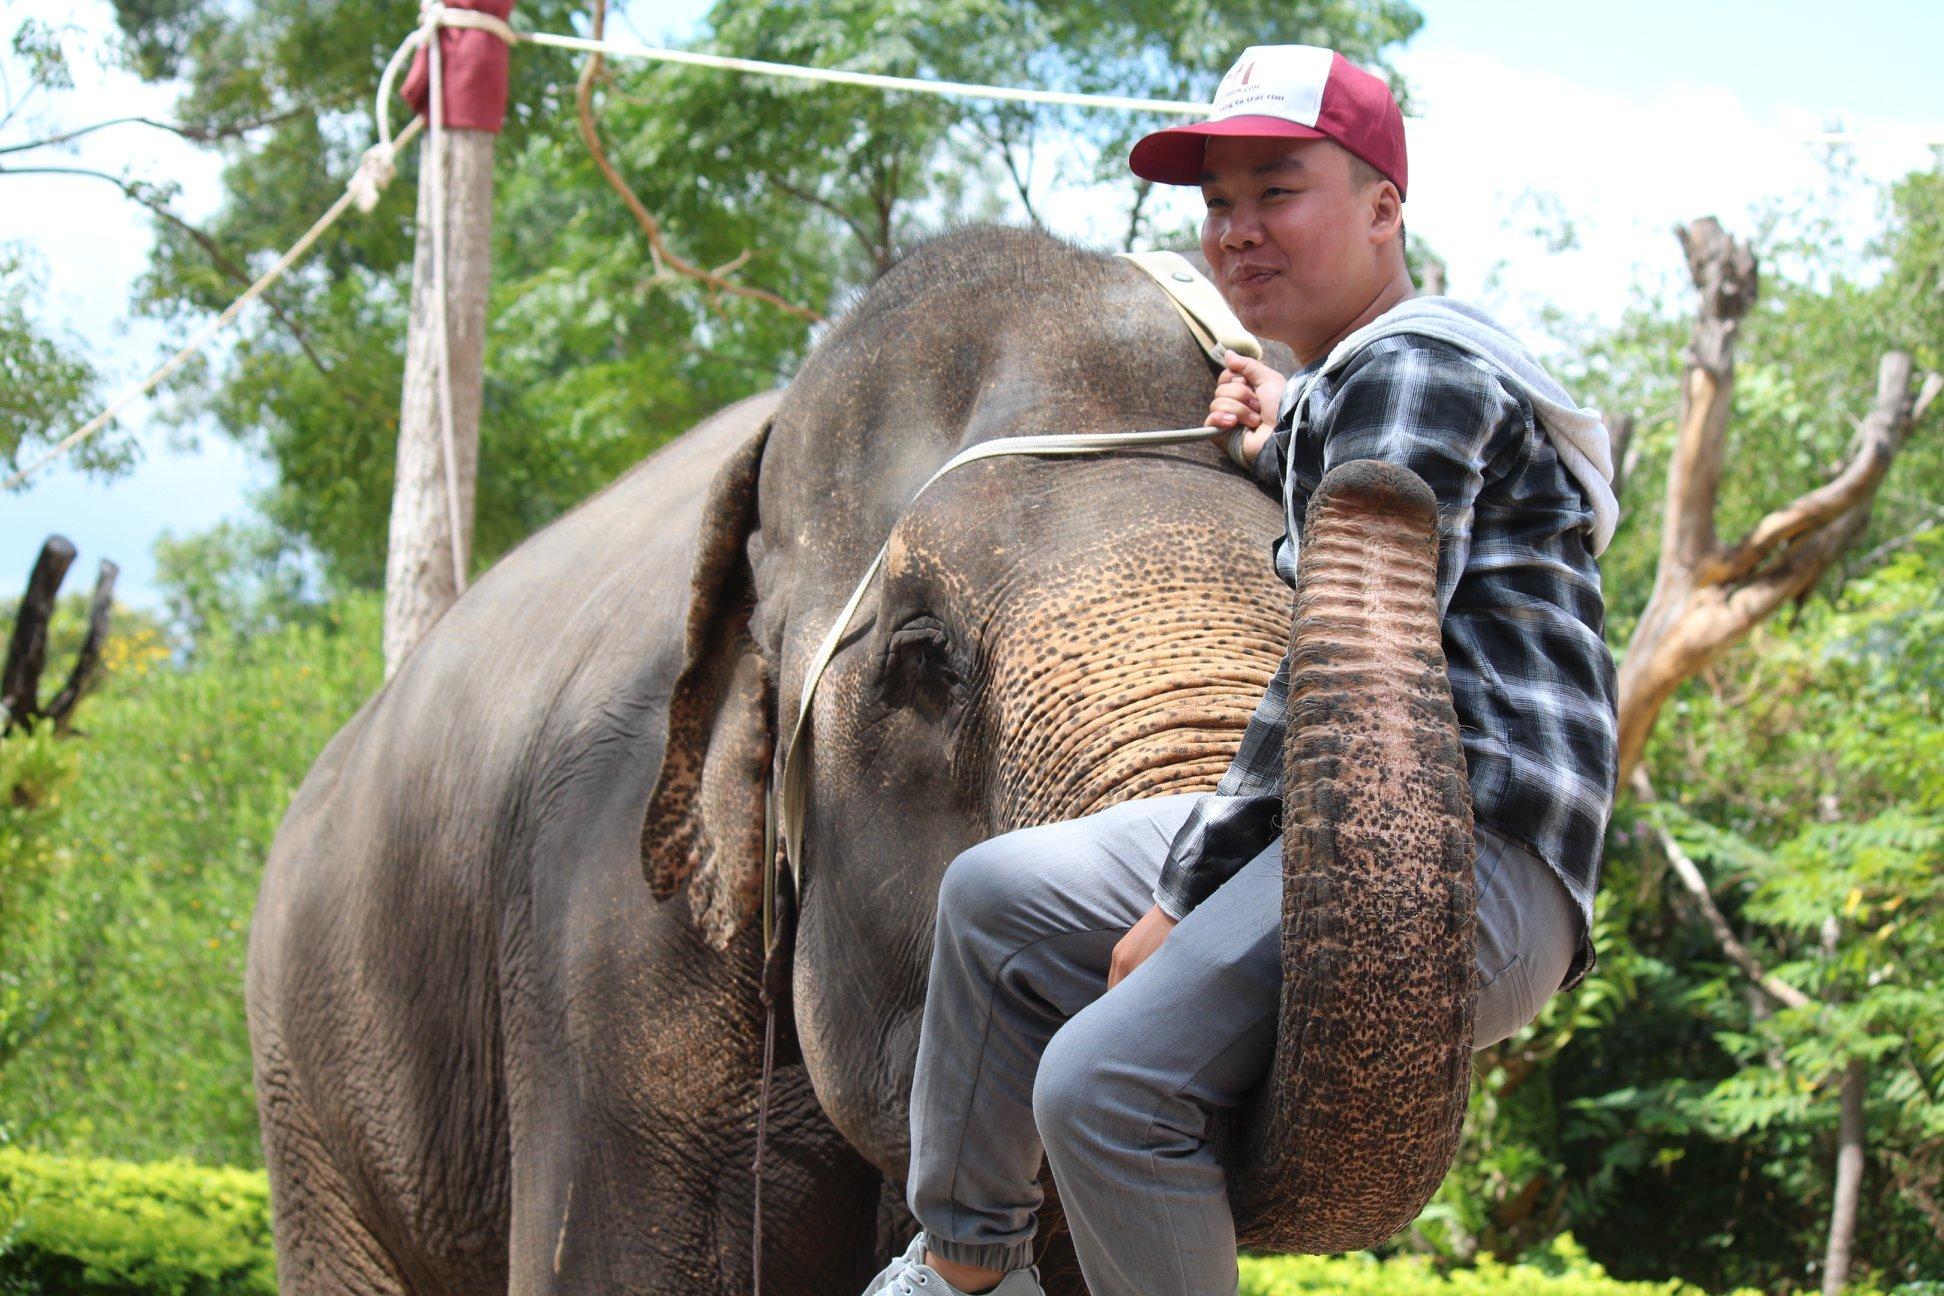 Dân mạng dậy sóng trước câu chuyện con voi bị bóc lột trong gánh xiếc tại Nha Trang 6